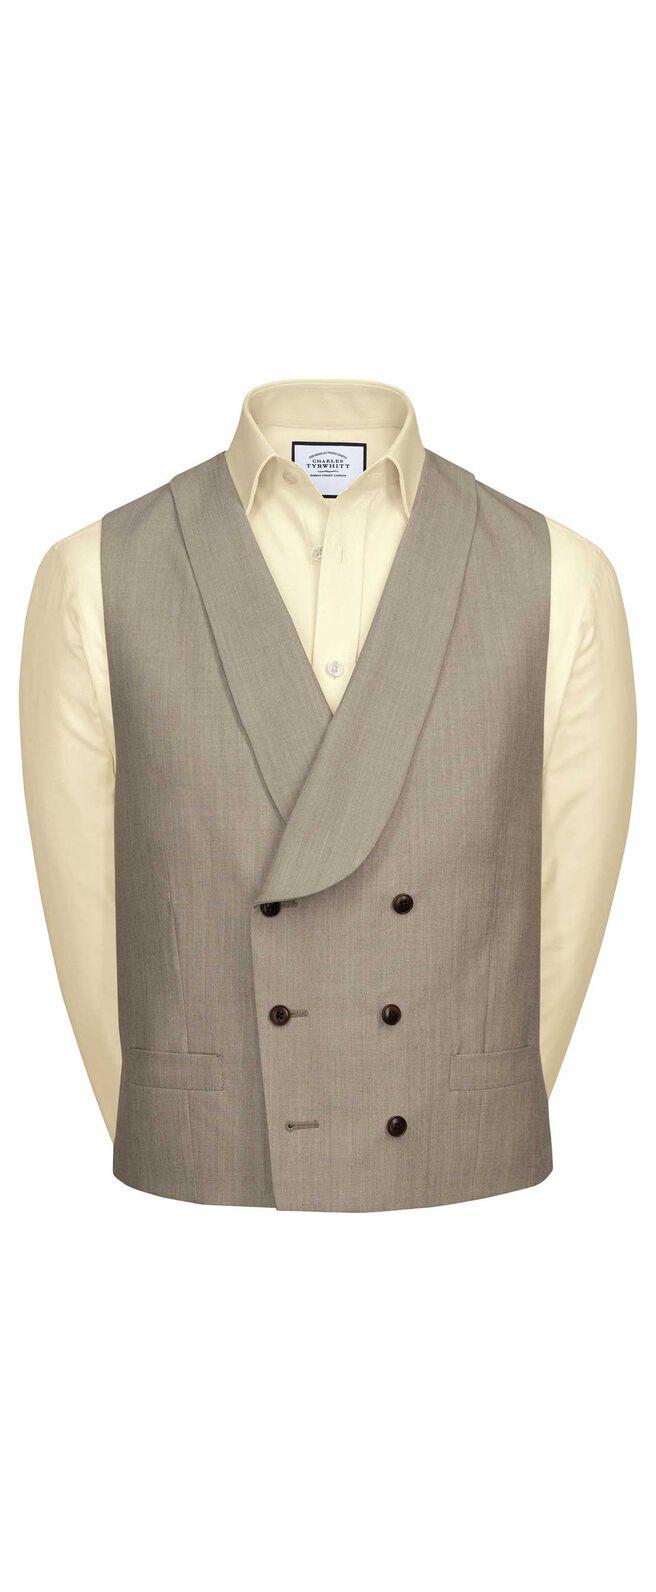 Natural Panama slim fit British suit